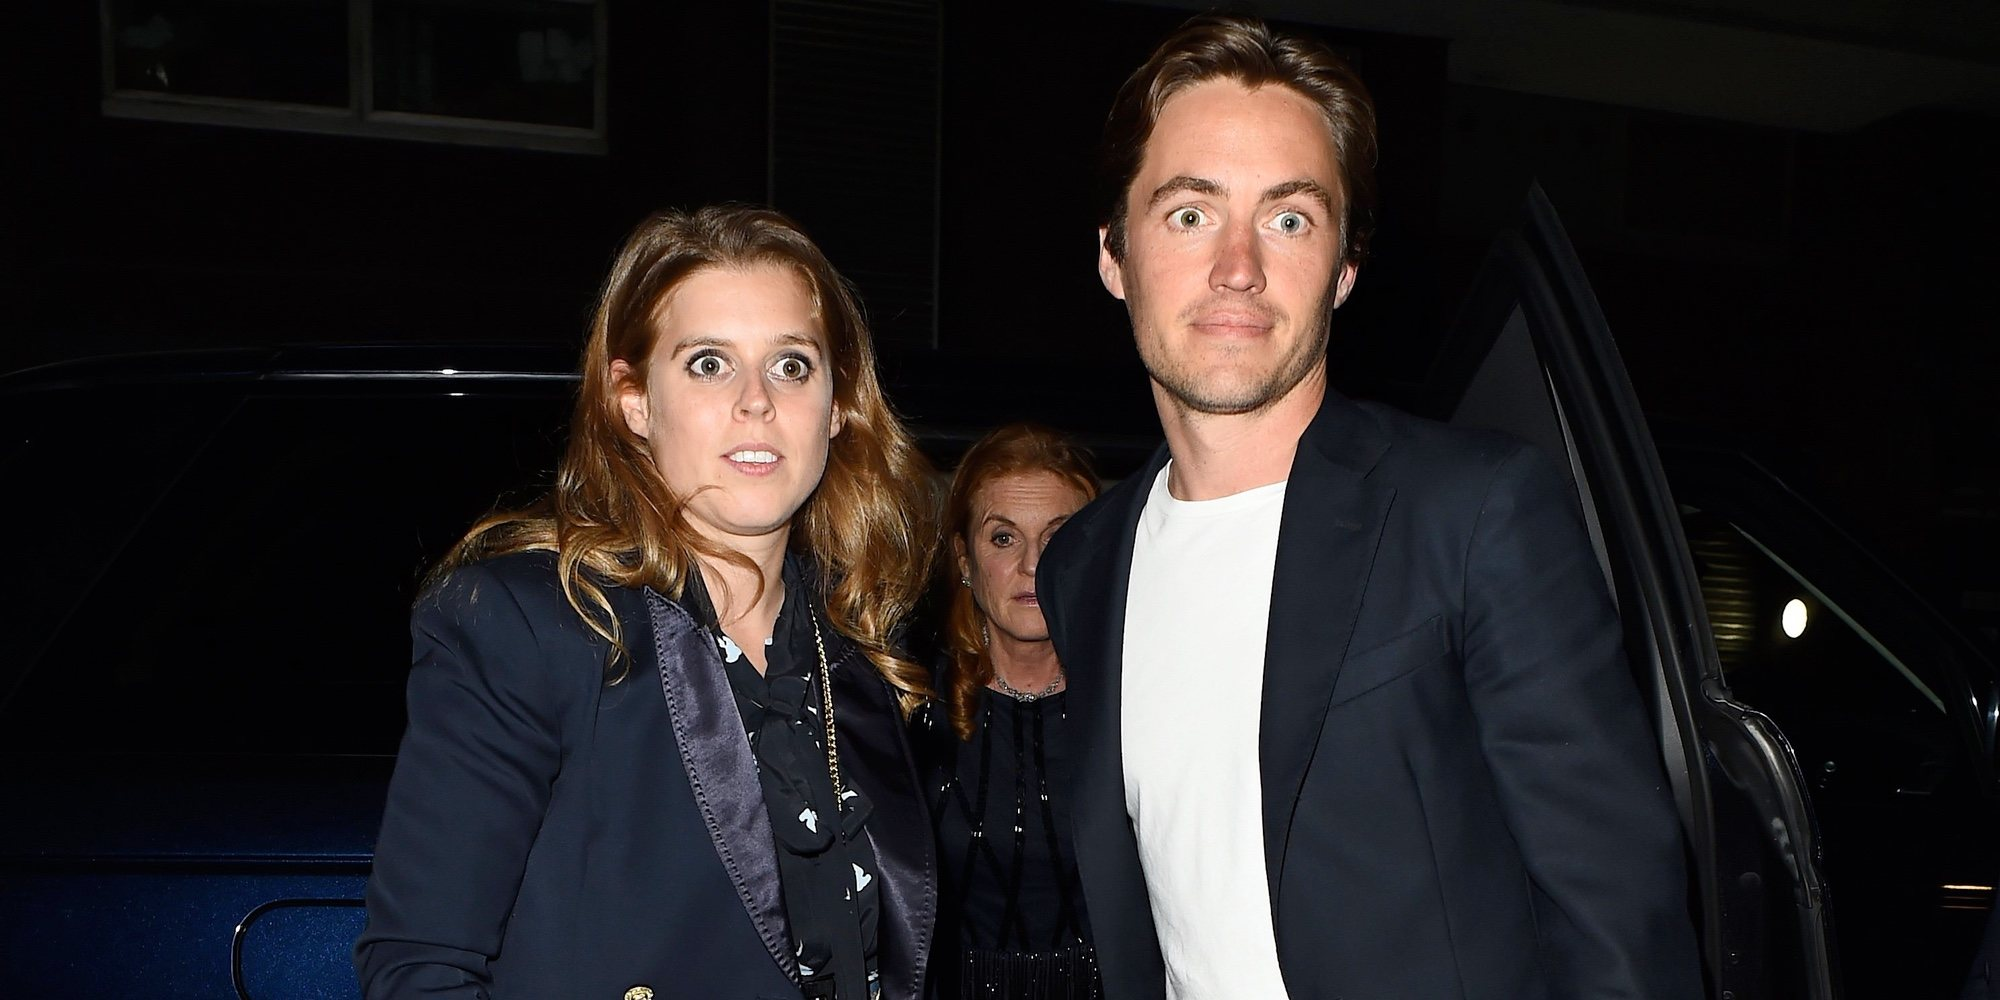 Beatriz de York y Edoardo Mapelli Mozzi cancelan su fiesta de compromiso por los escándalos del Príncipe Andrés